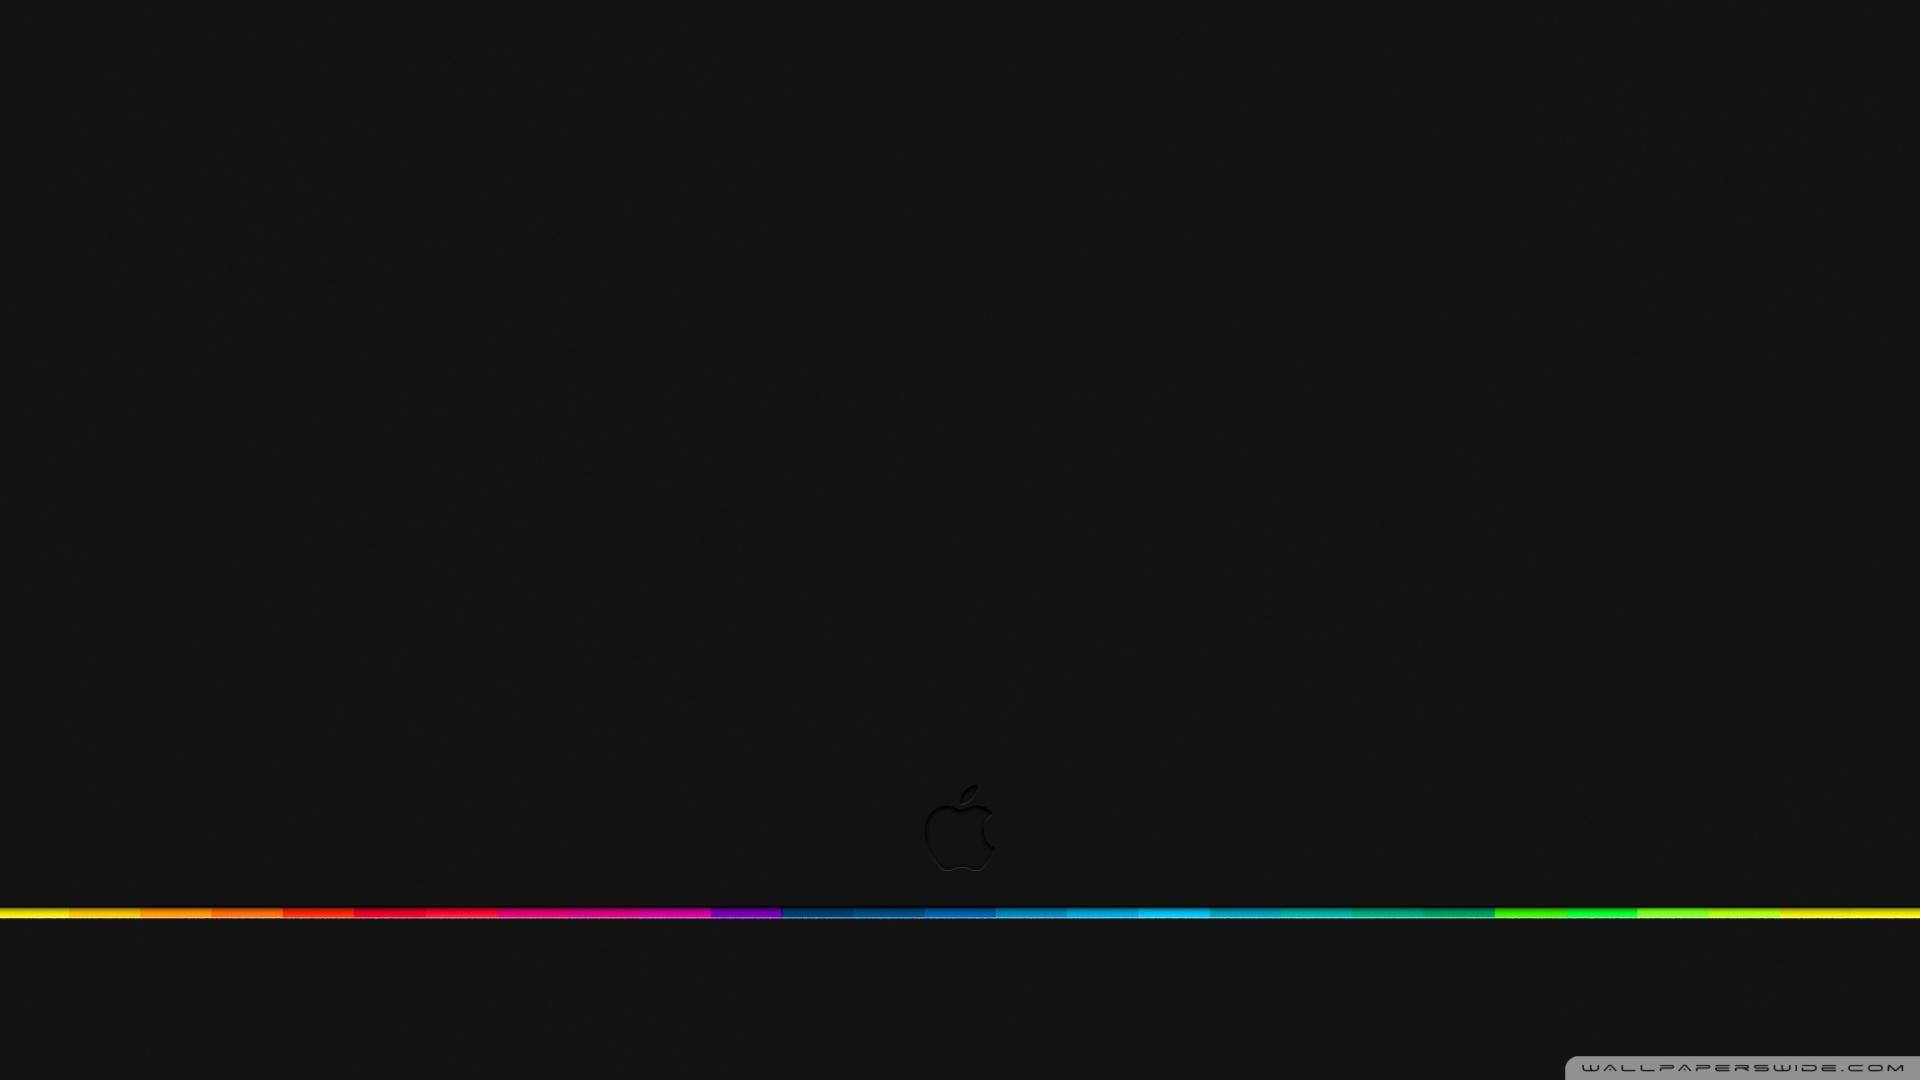 Black Background Image 1920x1080